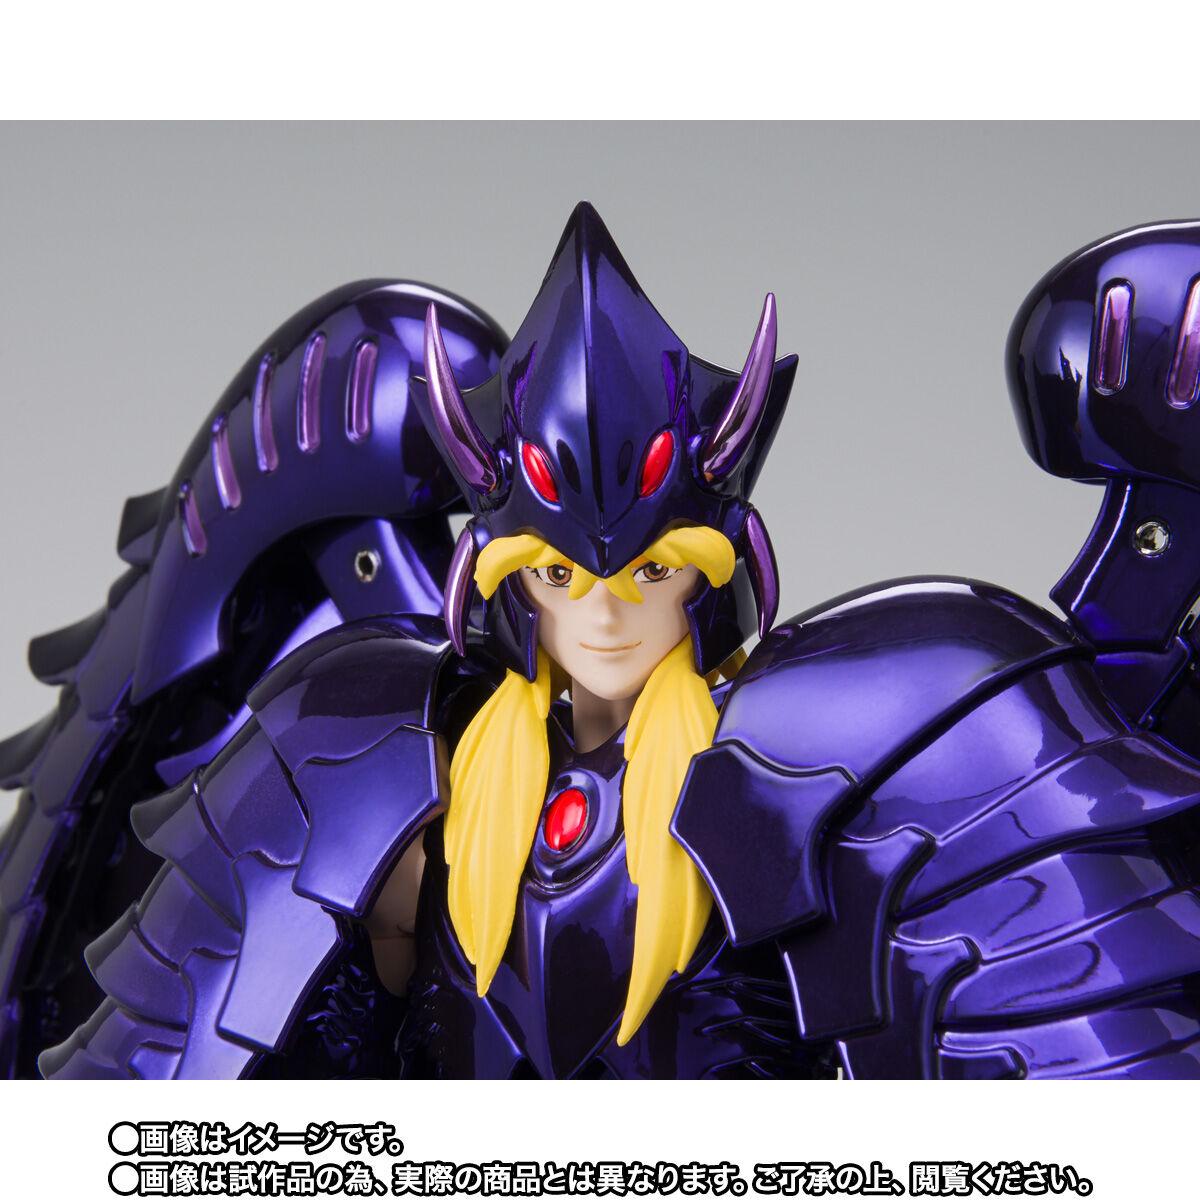 【限定販売】聖闘士聖衣神話EX『グリフォンミーノス ~ORIGINAL COLOR EDITION~』可動フィギュア-009